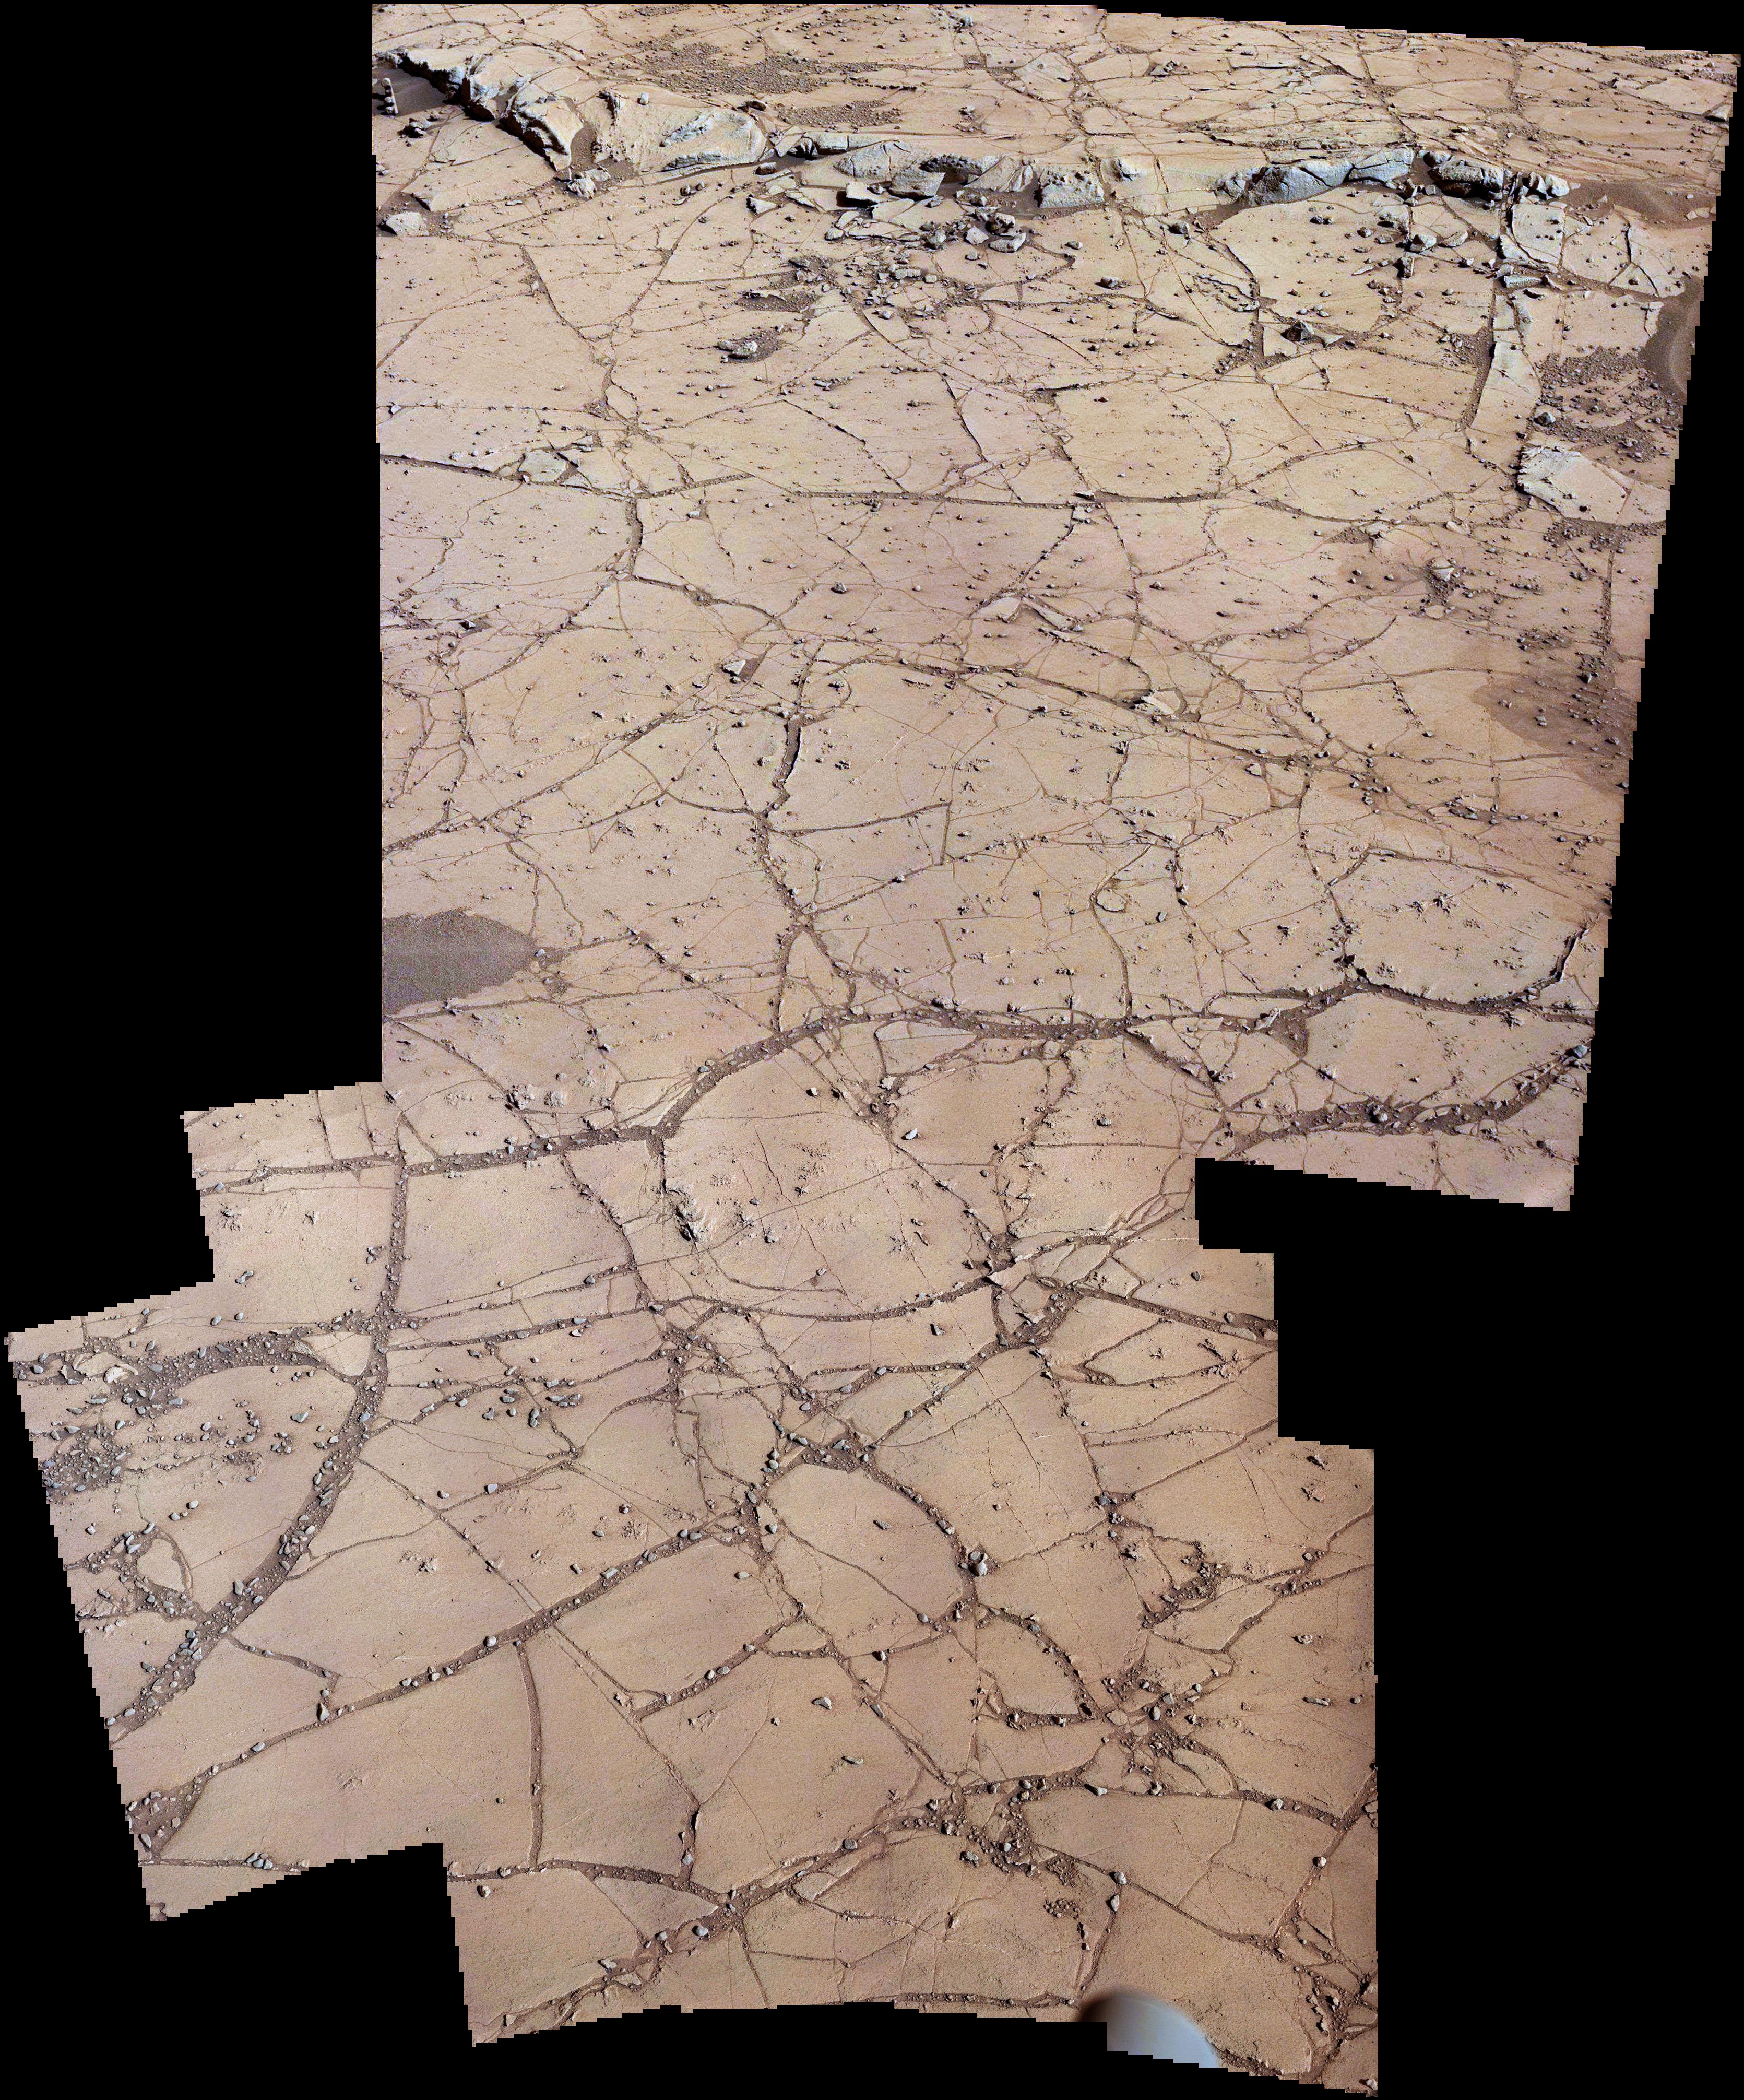 Curiosity MastCam left & right sol 753 - Pahrump Hills